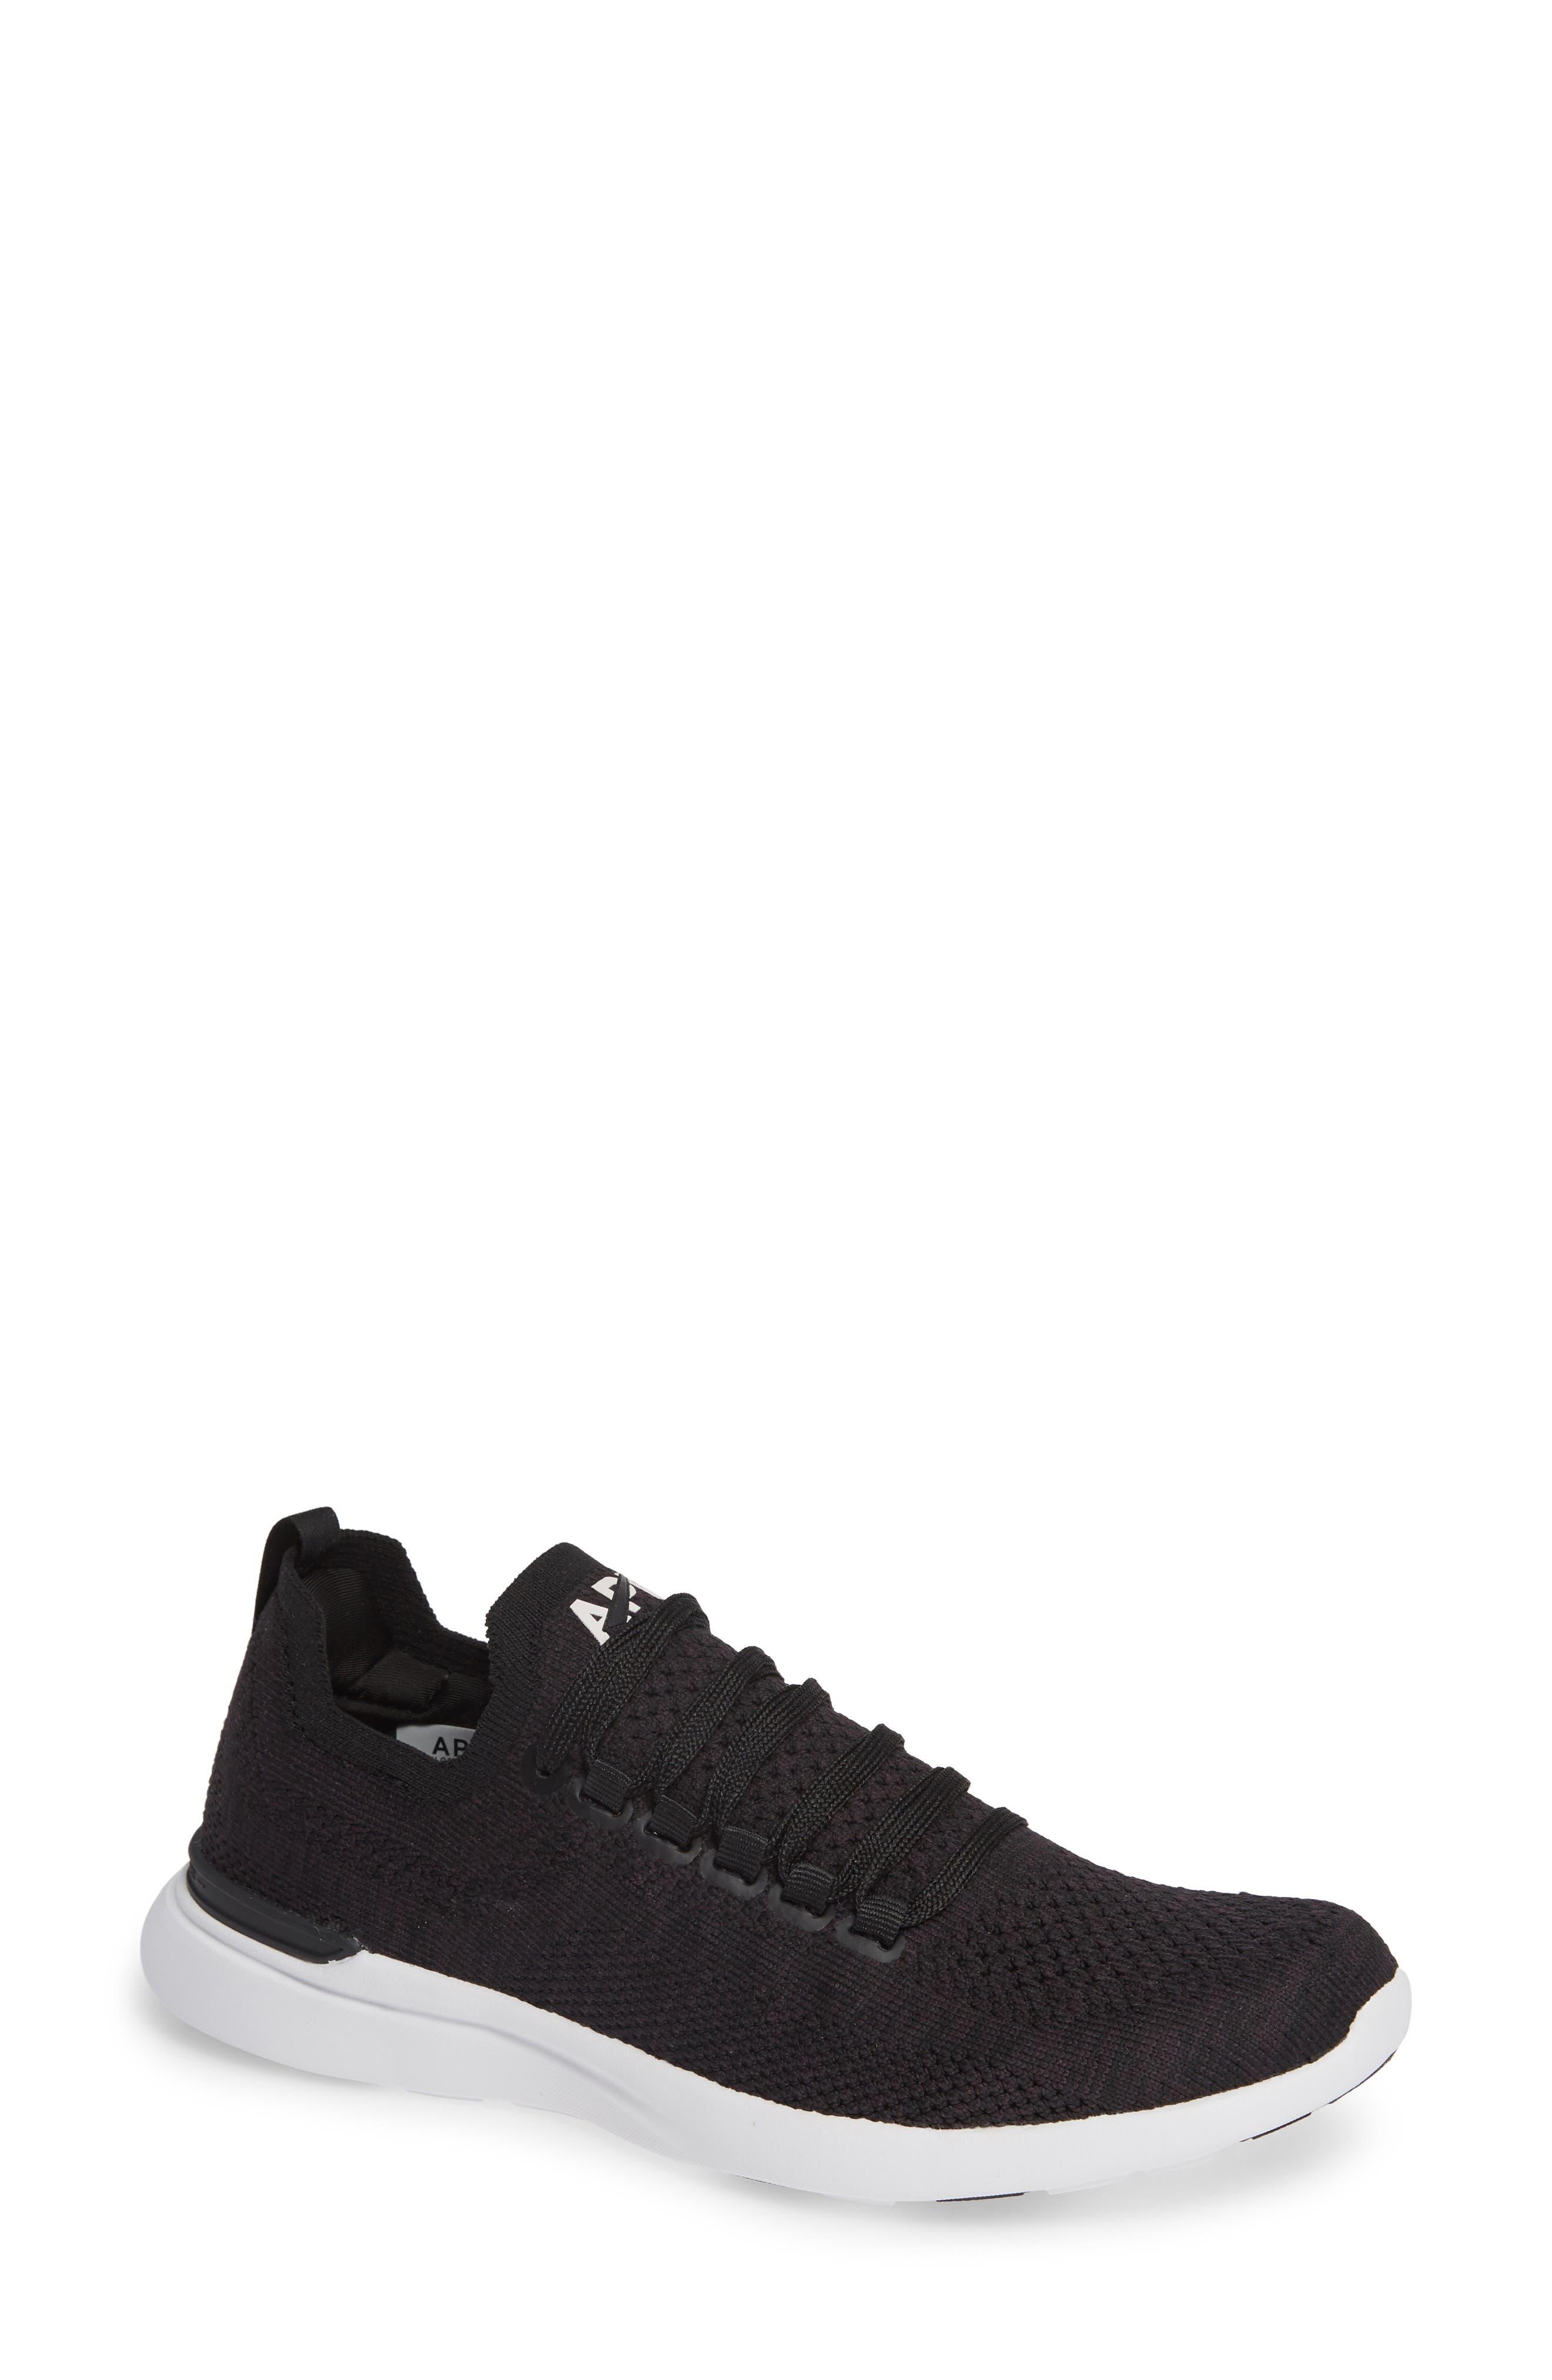 Techloom Breeze Knit Running Shoe,                             Main thumbnail 1, color,                             BLACK/ BLACK/ WHITE